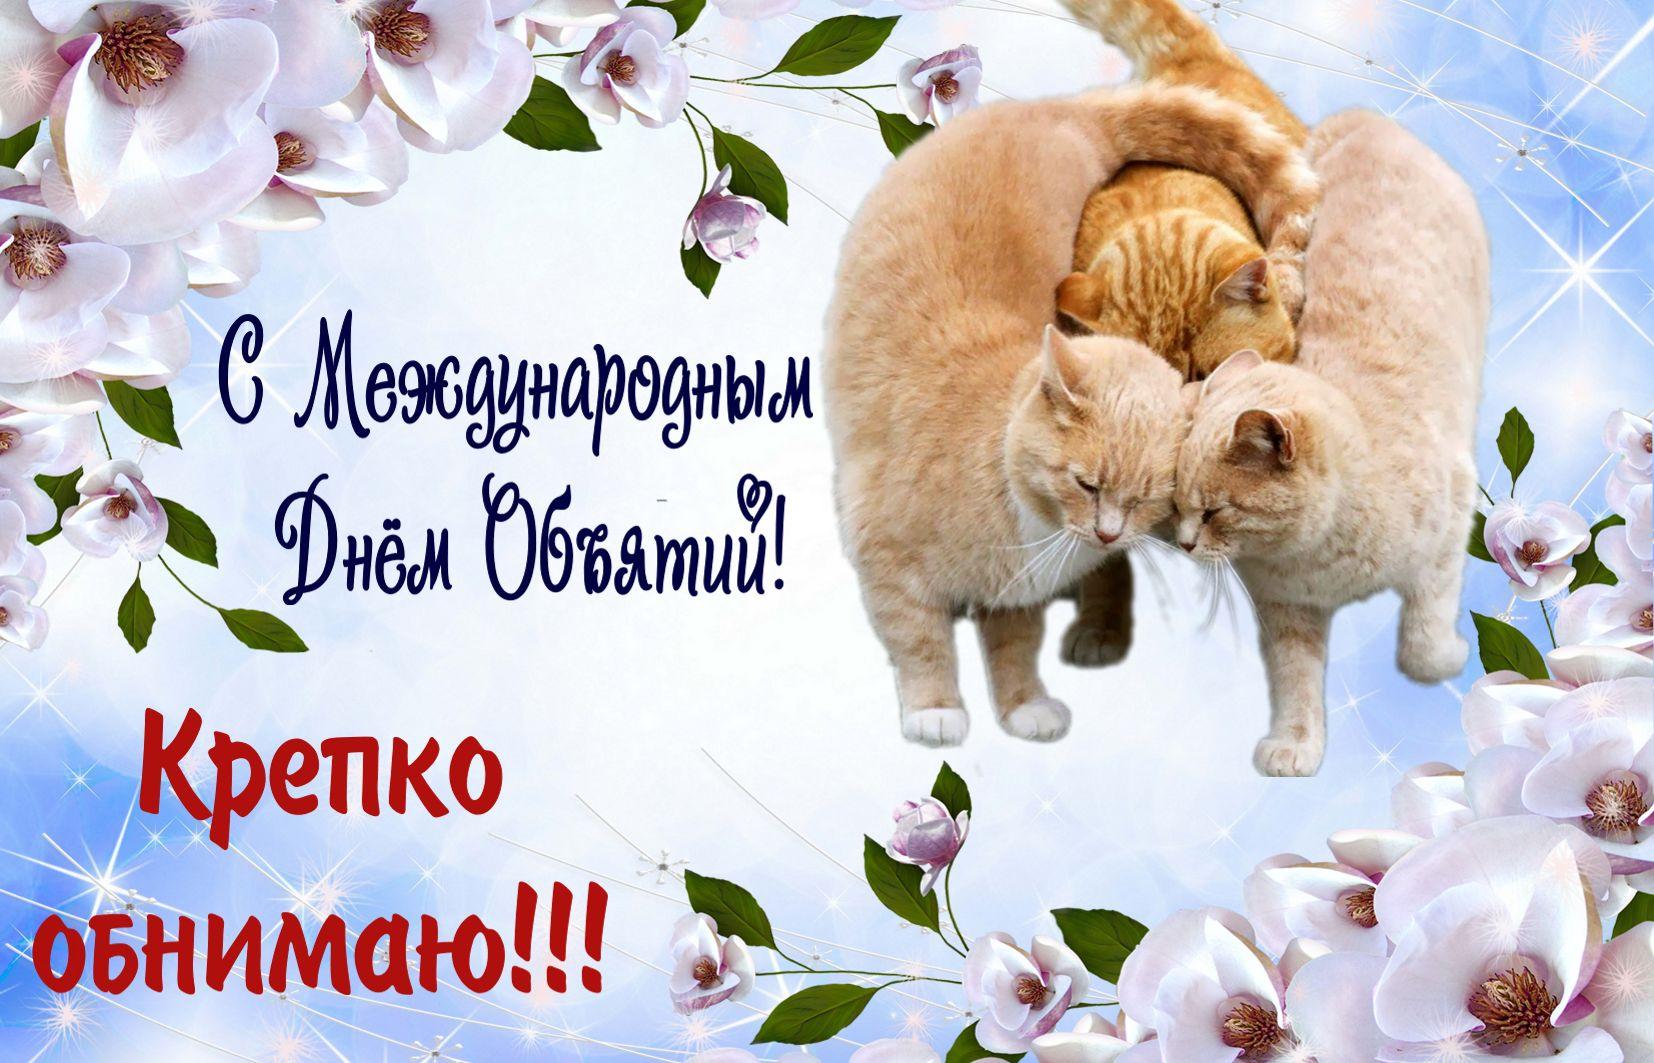 Открытка на День объятий - обнимающиеся котики на красивом фоне